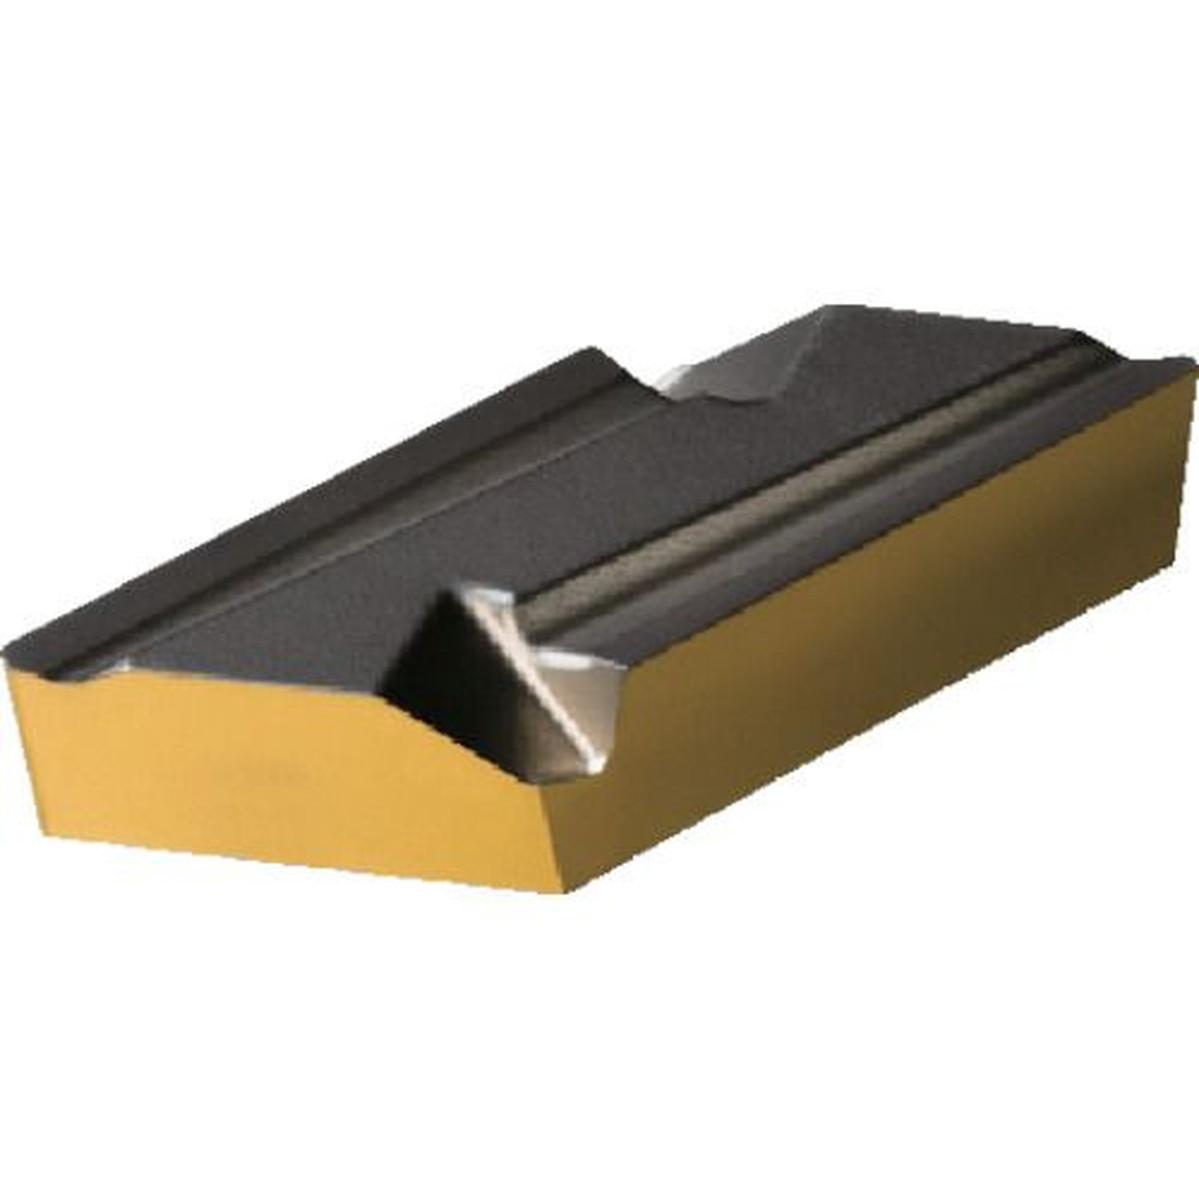 最高品質の サンドビック T-MAXPチップ T−MAXPチップ COAT COAT サンドビック 10個, 神田の傘や:bb4f71a5 --- independentescortsdelhi.in